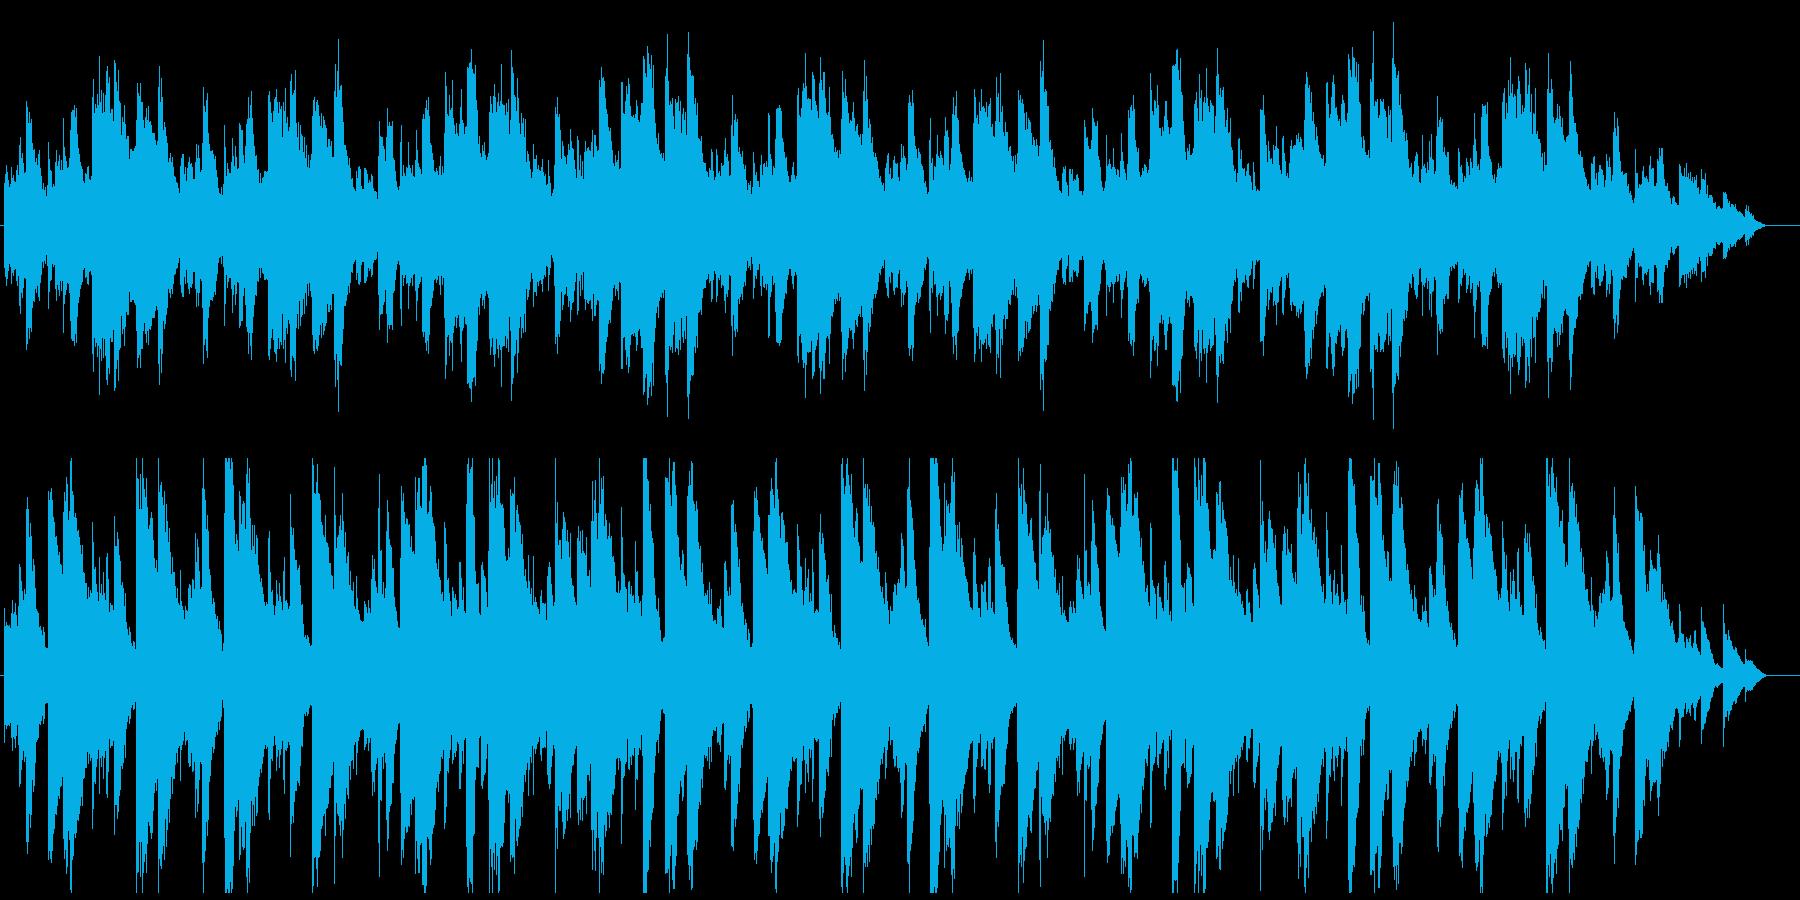 無気力で気だるい感じの曲の再生済みの波形